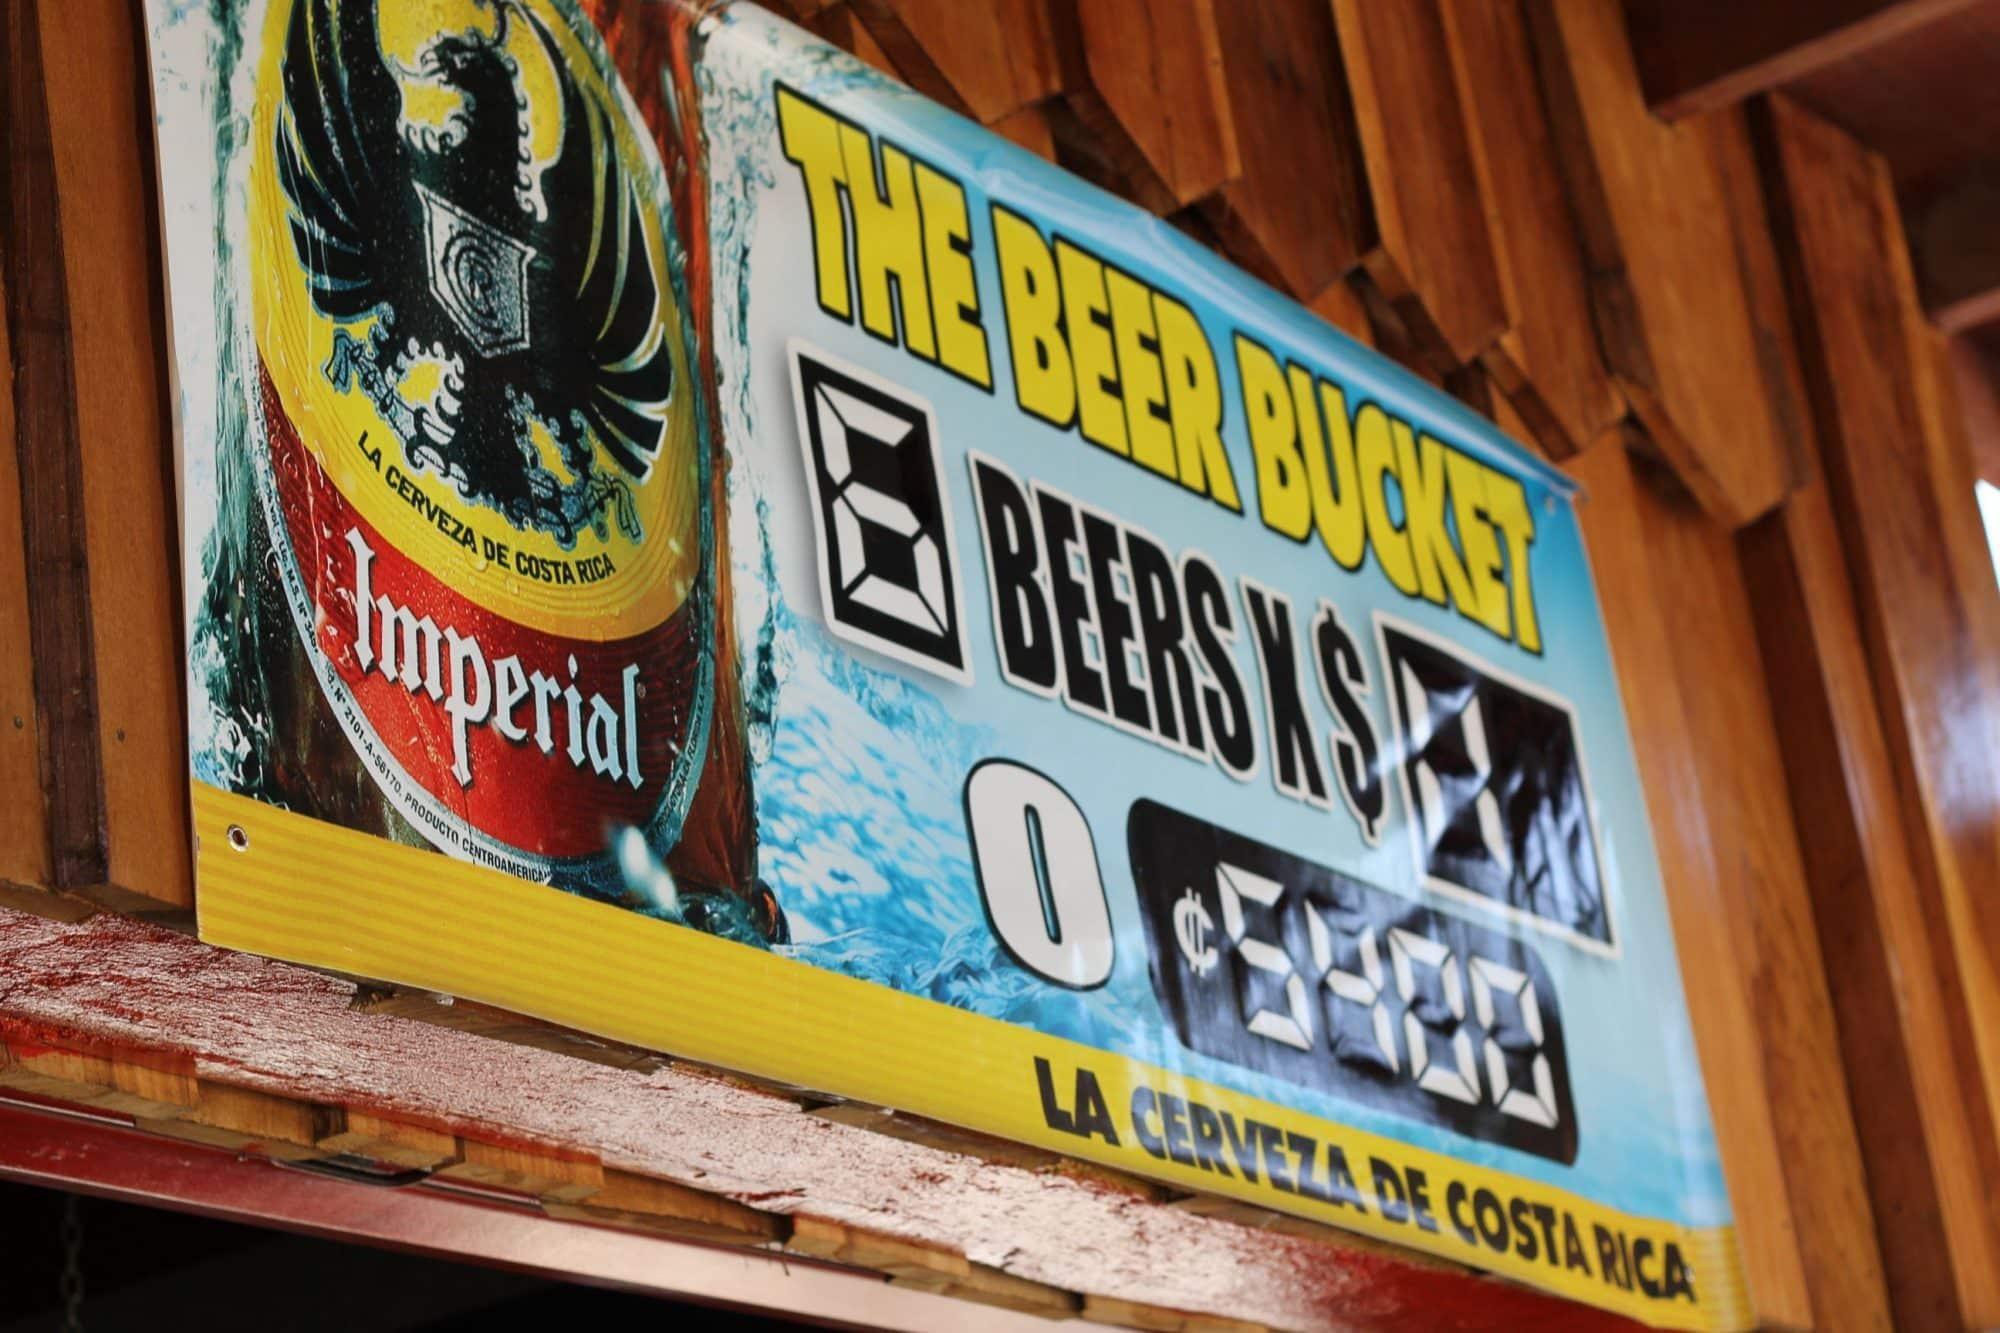 Les bières du Costa Rica - Pilsen, Impérial, Bavaria...